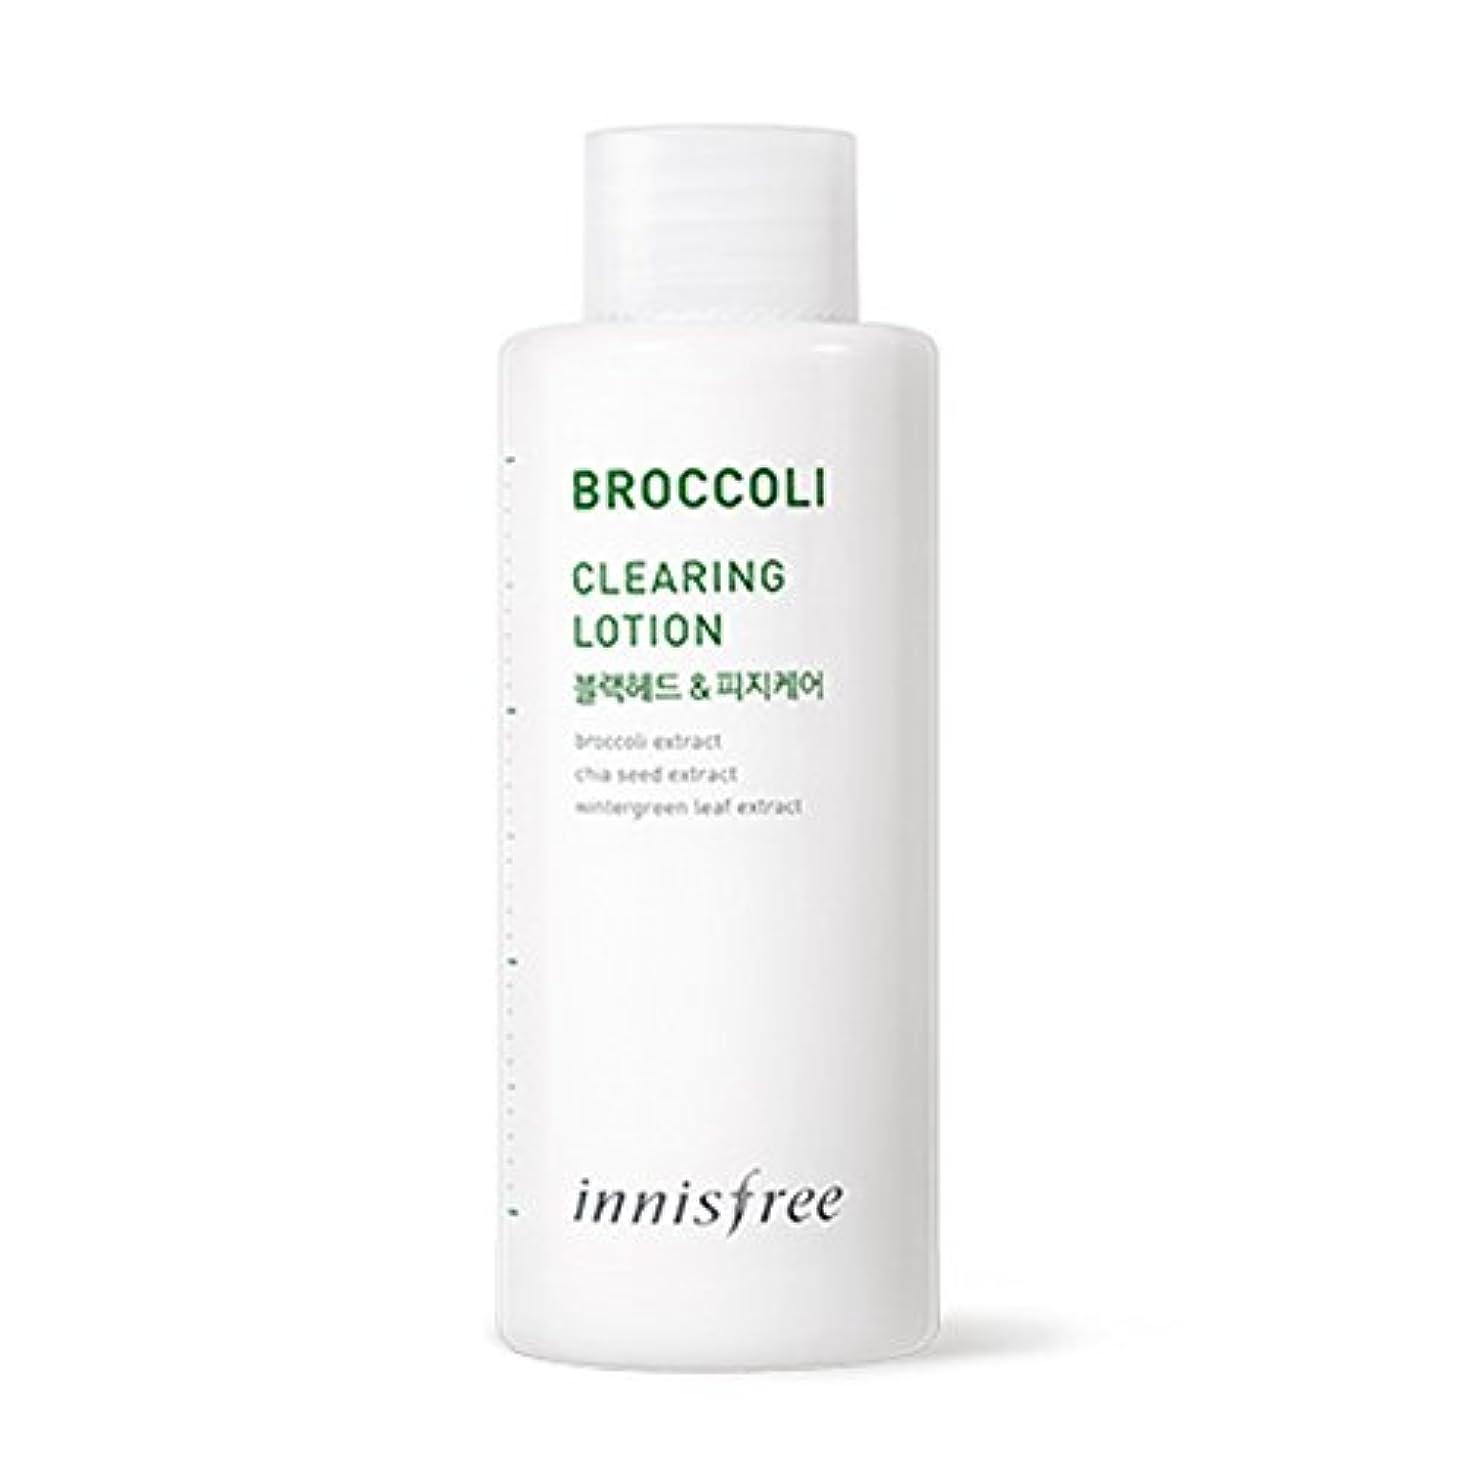 ビスケット時々時々豊富なイニスフリーブロッコリークリアリングローション(エマルジョン)130ml Innisfree Broccoli Clearing Lotion(Emulsion) 130ml [海外直送品][並行輸入品]